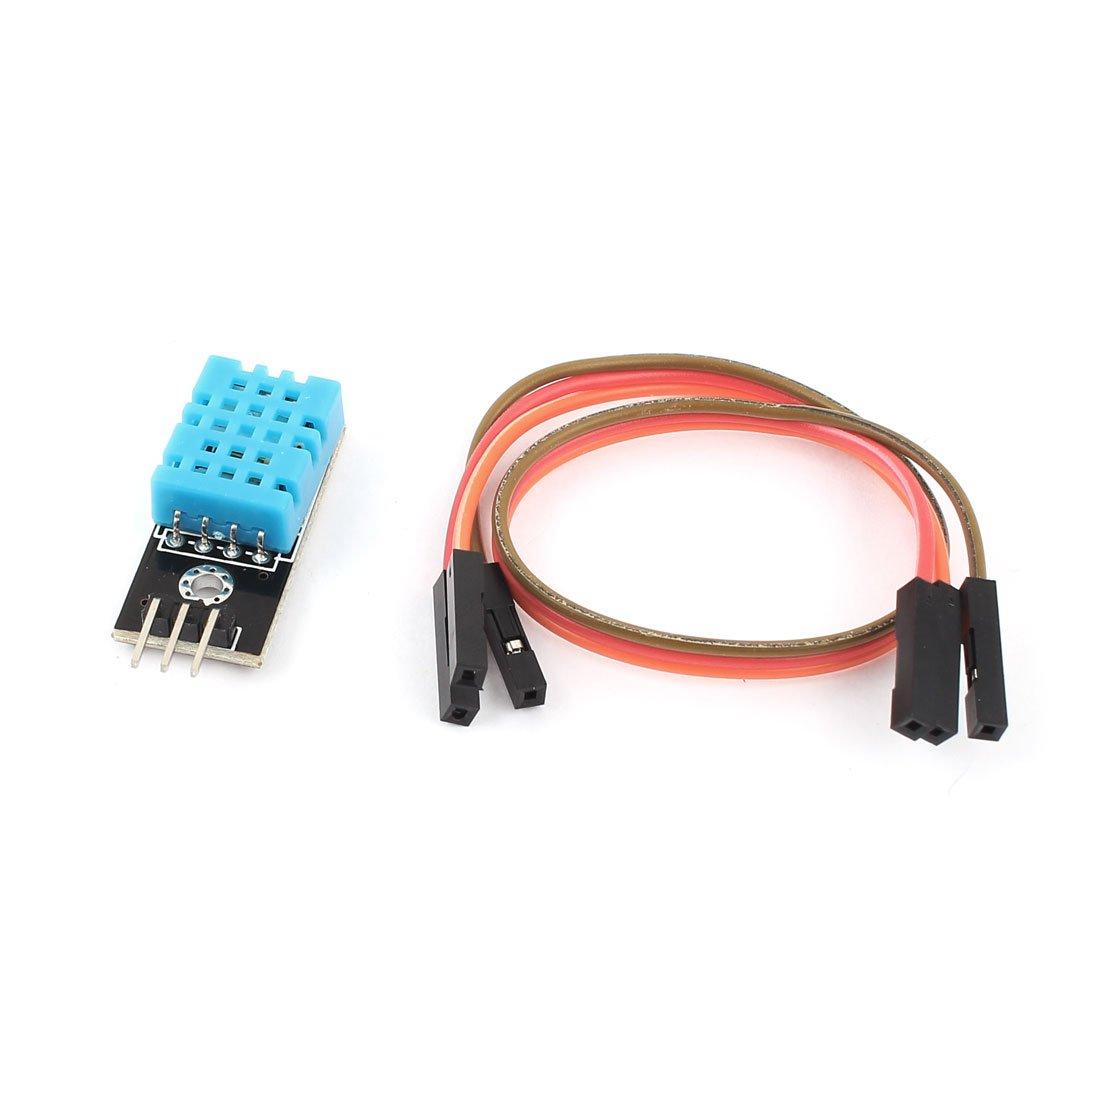 sourcingmap DHT11 Temperatura Umidità Relativa Modulo Sensore w Cavo per arduino sourcing map 711331044426